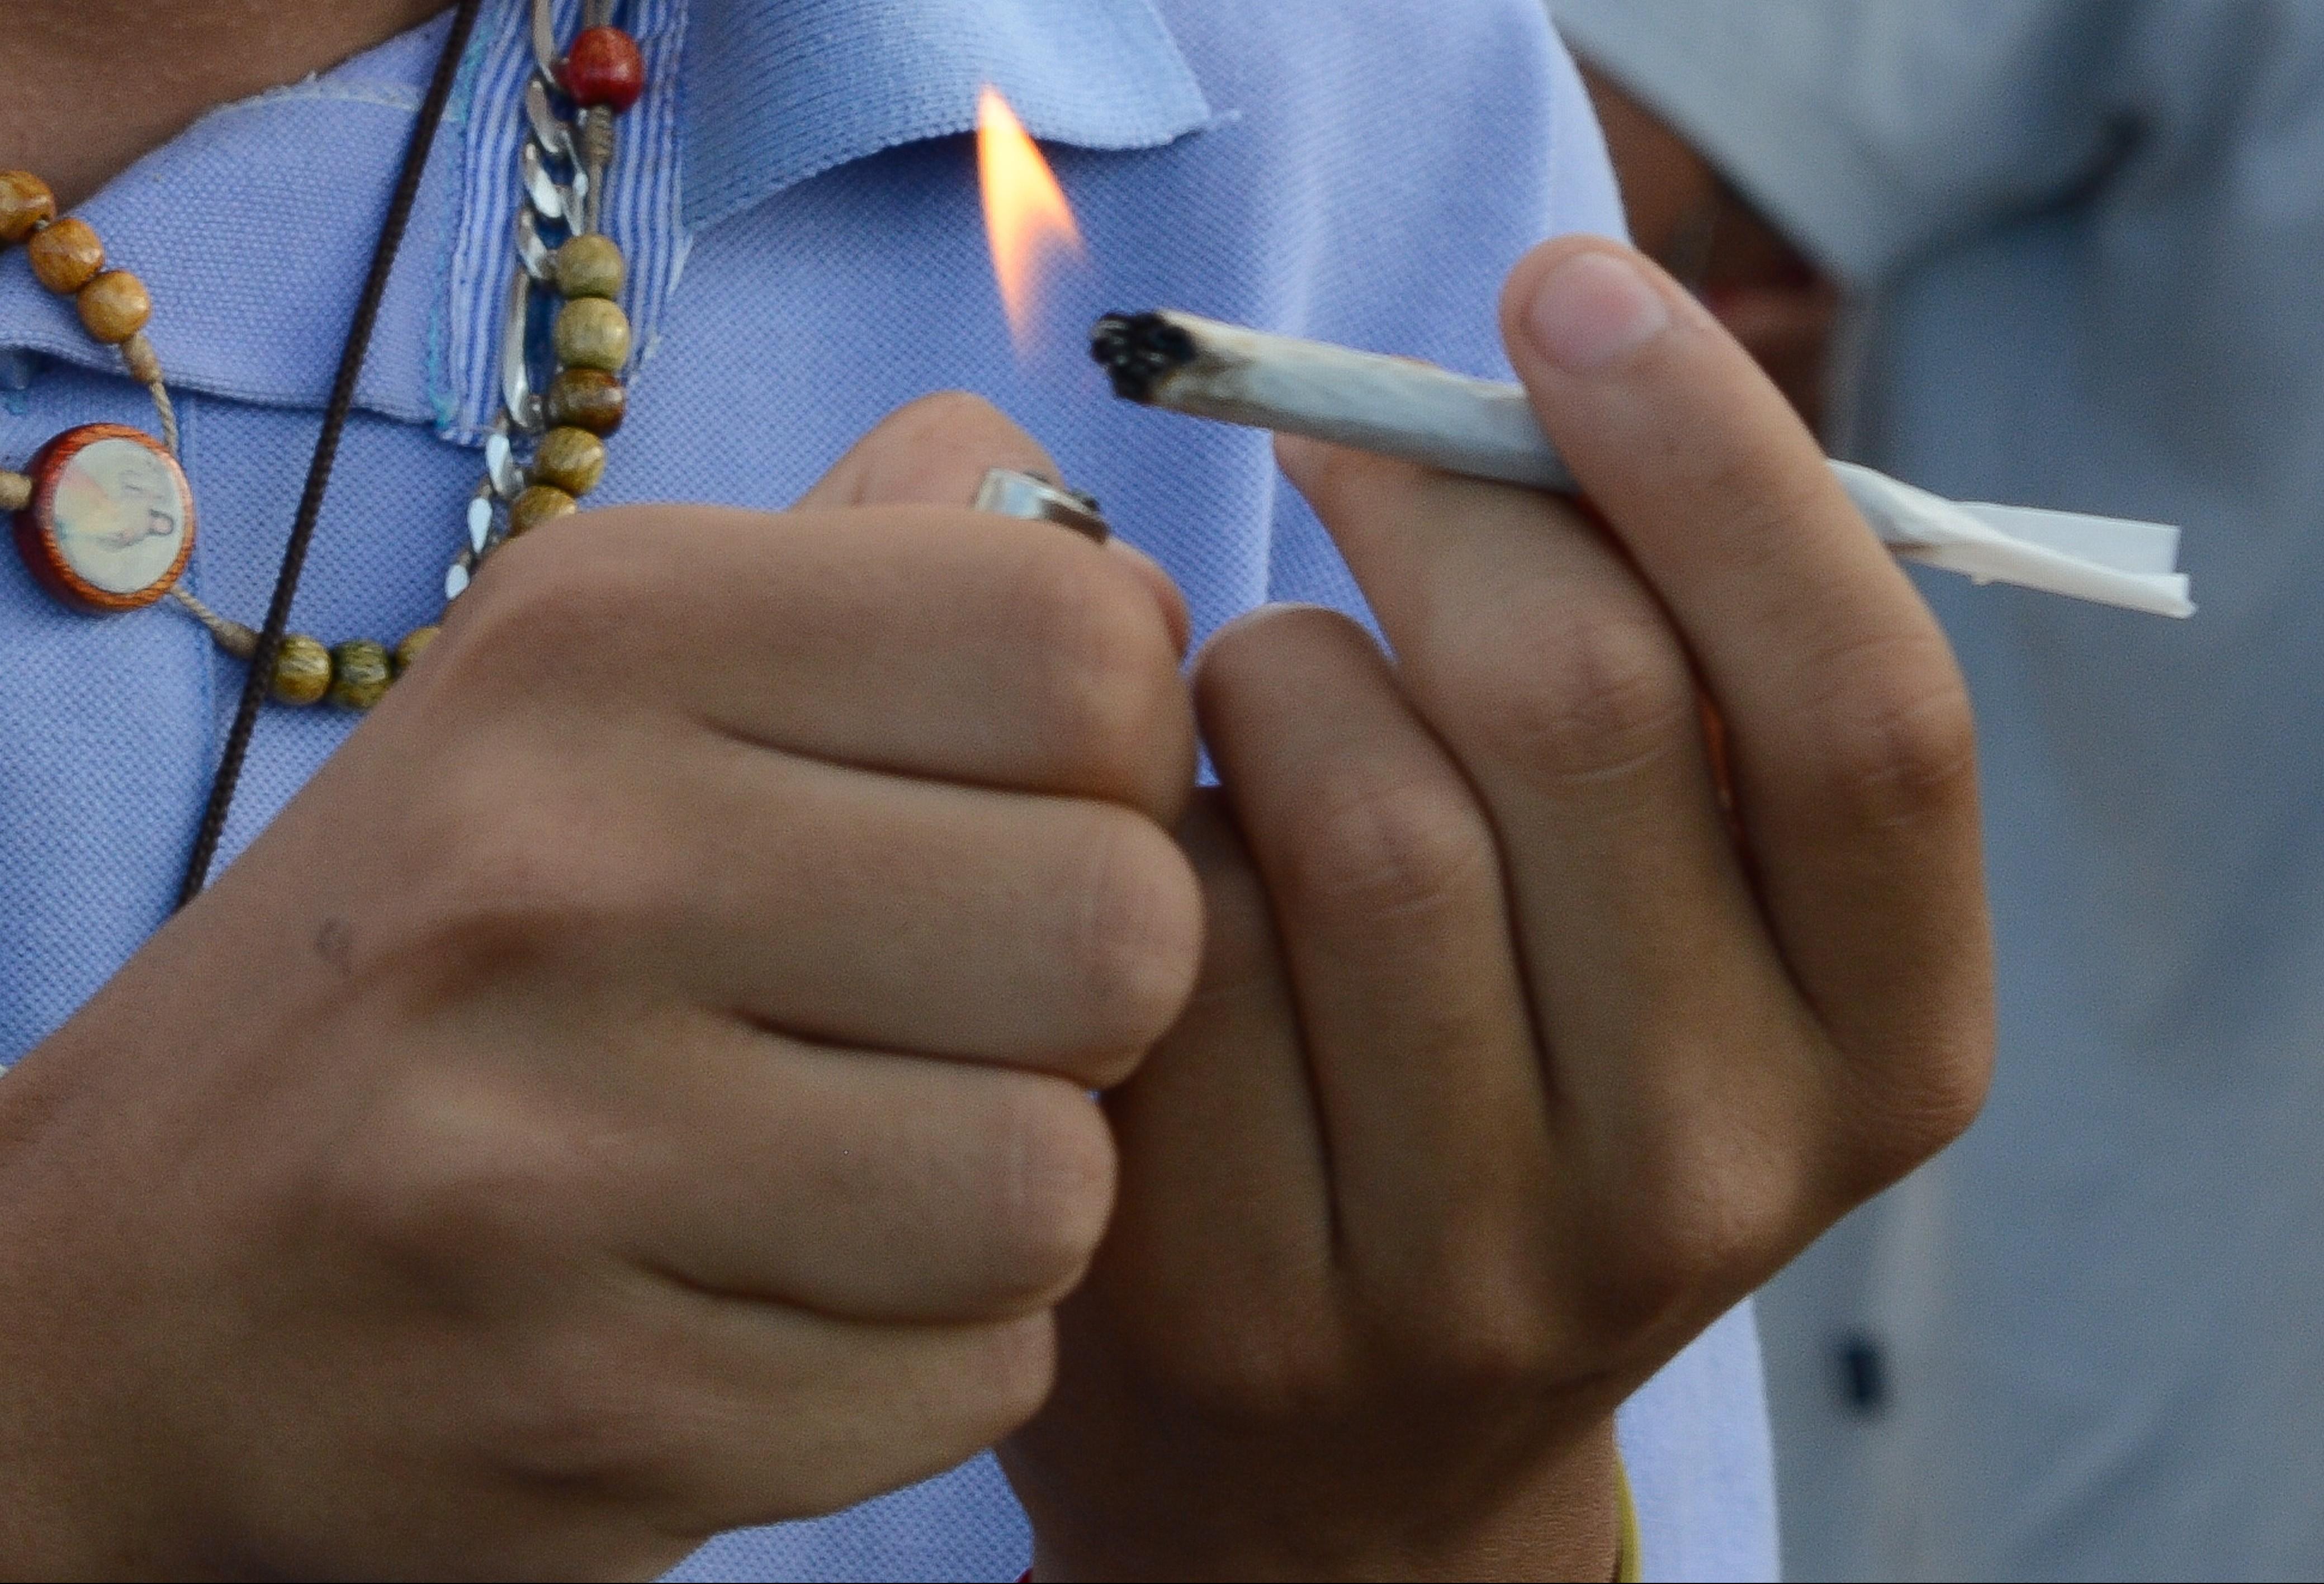 Consumo de drogas na juventude tem relação com acesso a bens, diz psicólogo